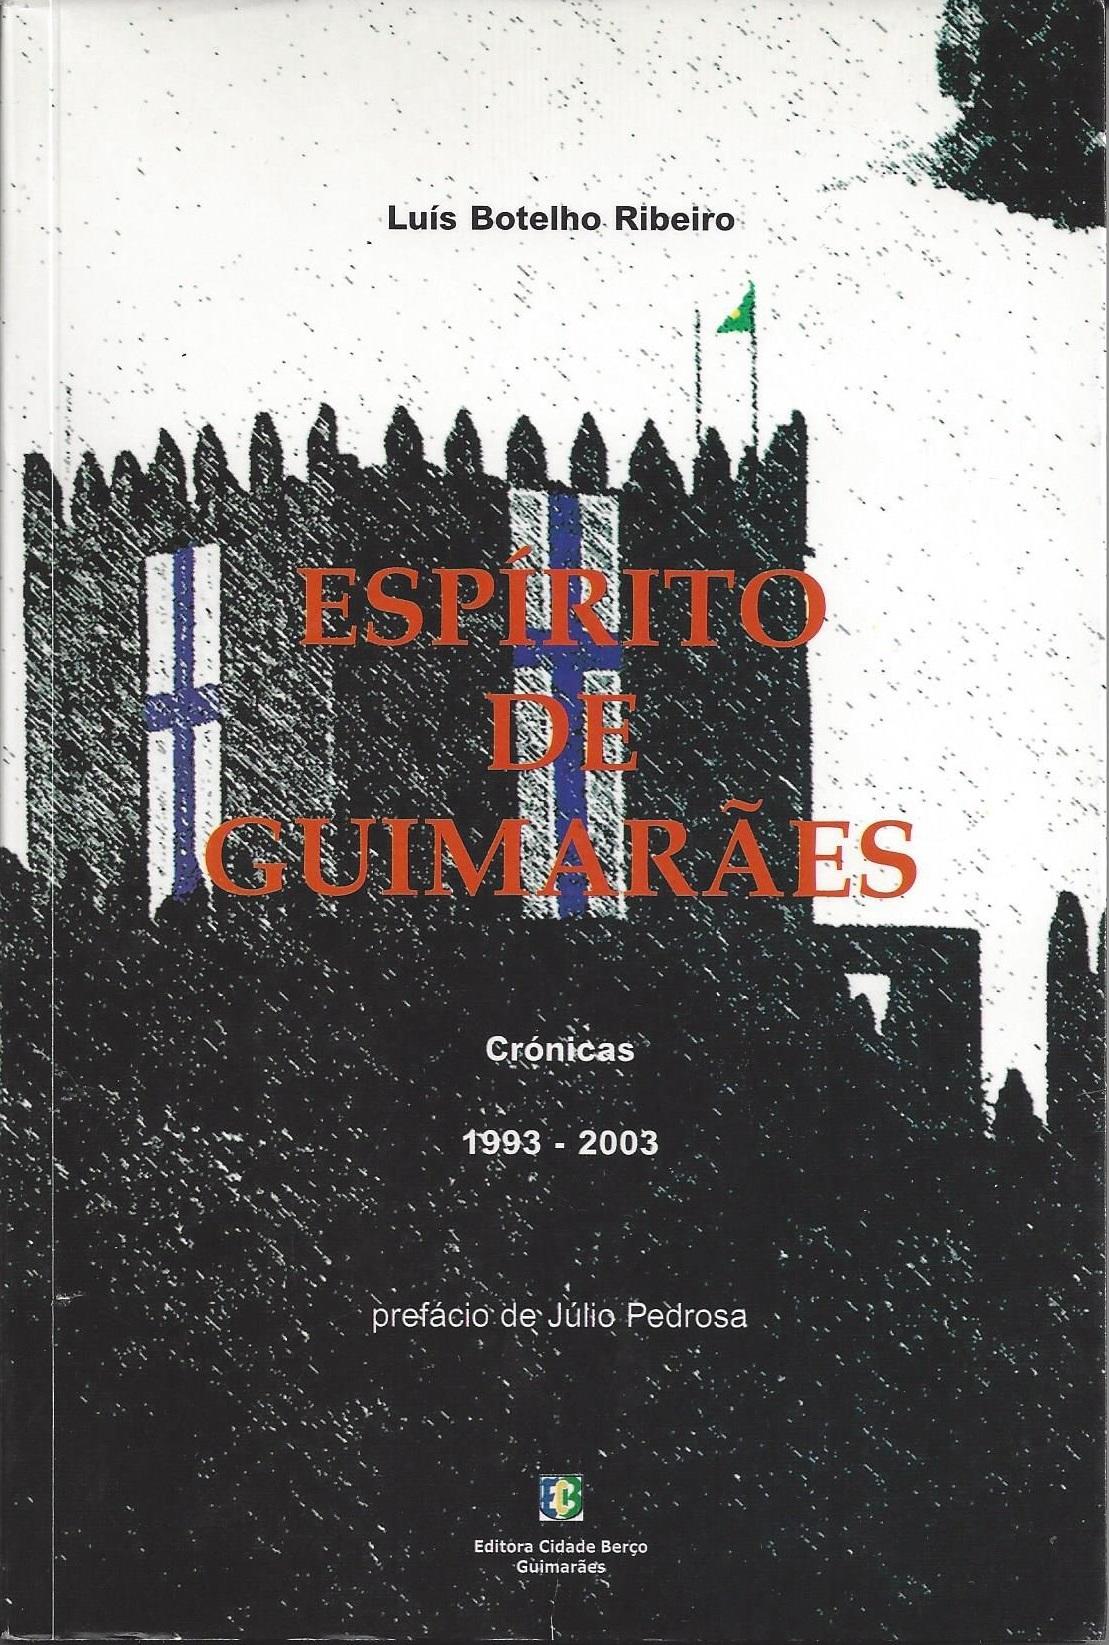 Espírito de Guimarães  by  Luís Botelho Ribeiro